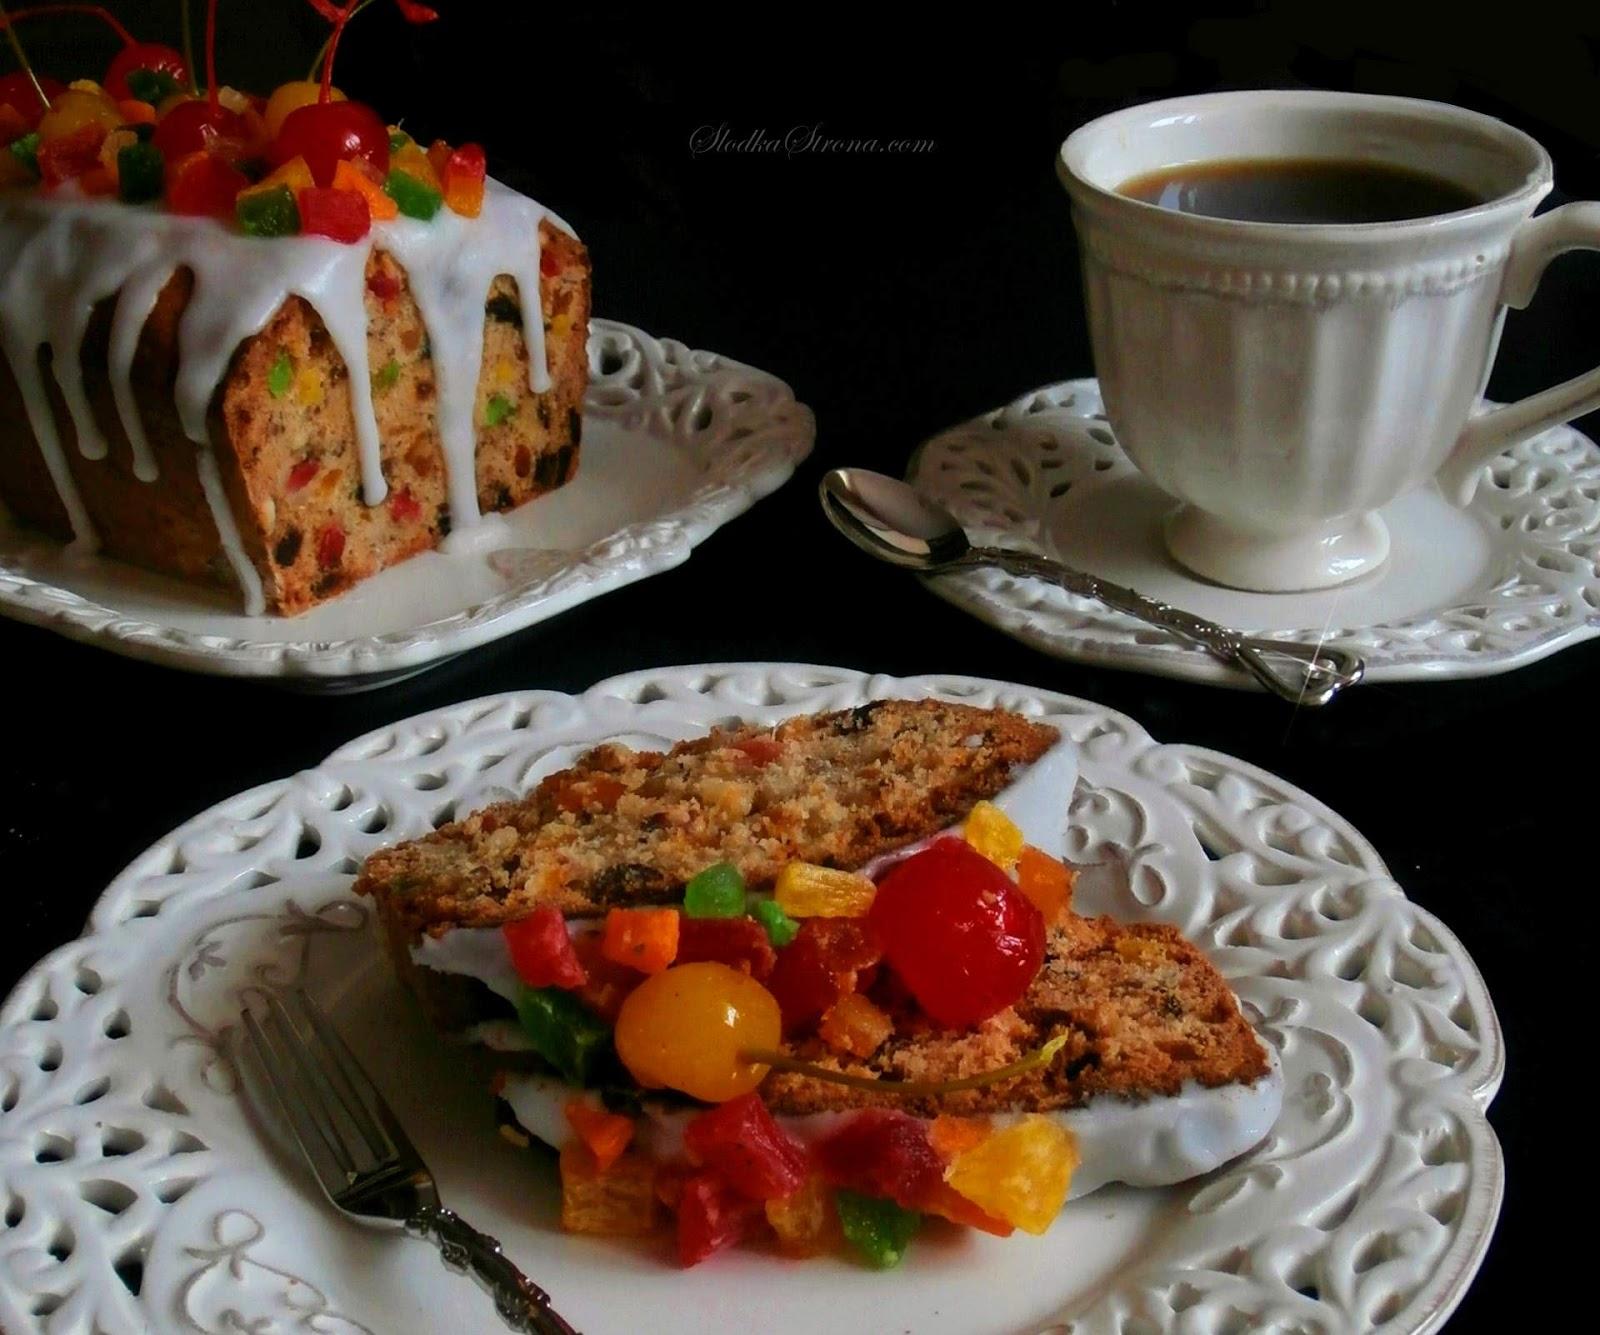 Keks to jedno z popularniejszych ciast na polskich stołach. Każdy kto uwielbia bakalie - również zakocha się w tym cieście. Mocno bakaliowy wypiek, z przeróżnymi dodatkami począwszy od suszonych moreli, śliwek, daktyli, kandyzowanych ananasów, rodzynek a skończywszy na orzechach laskowych, orzechach włoskich oraz migdałach - prawdziwa uczta smaków dla amatorów bakalii.   Mmmm... tradycyjny keks przepis, keks, keks przepis, przepisy na keks, ciasto z bakaliami, cwibak, cwibak przepis, jak zrobic cwibak, jak zrobic keks, keks z bakaliami, keks z orzechami, keks z suszonymi owocami, cwibak z bakaliami, najlepsze przepis na keks,